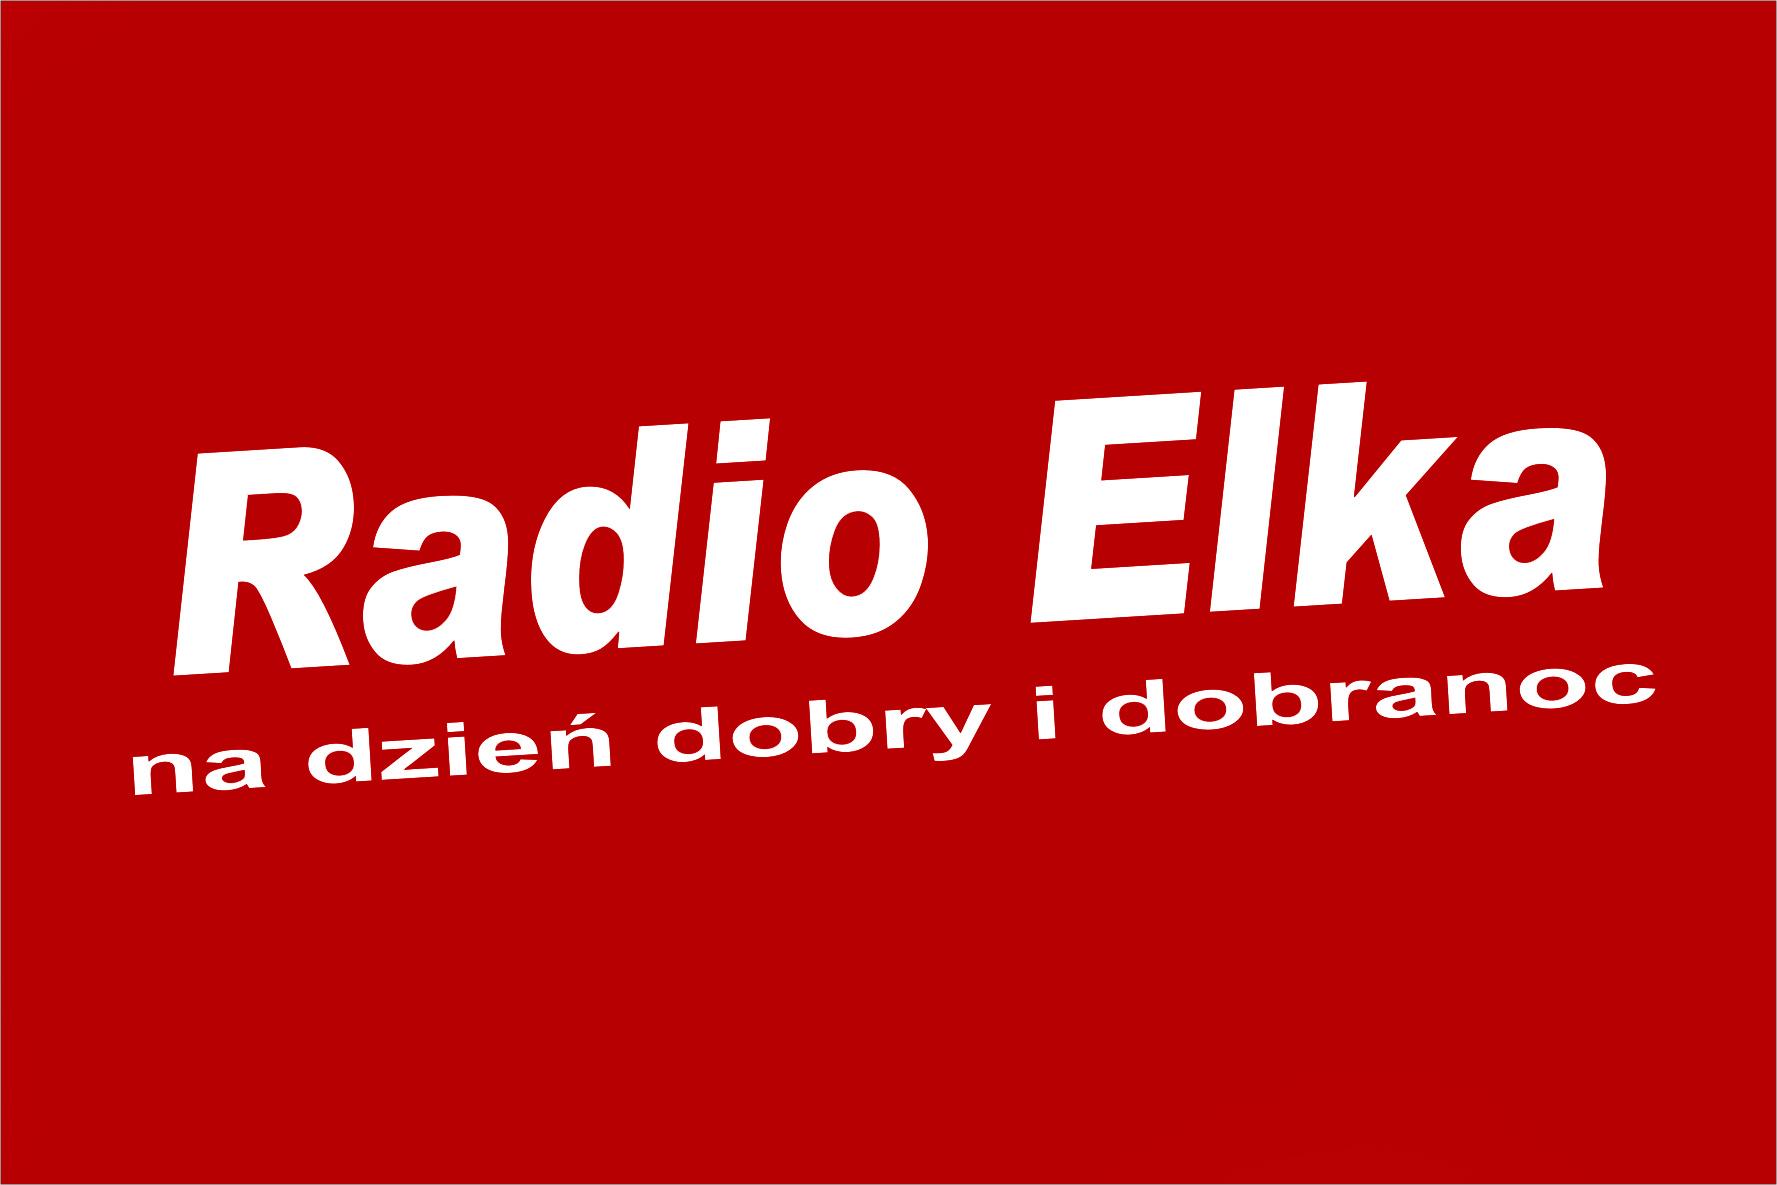 logo Radio Elka